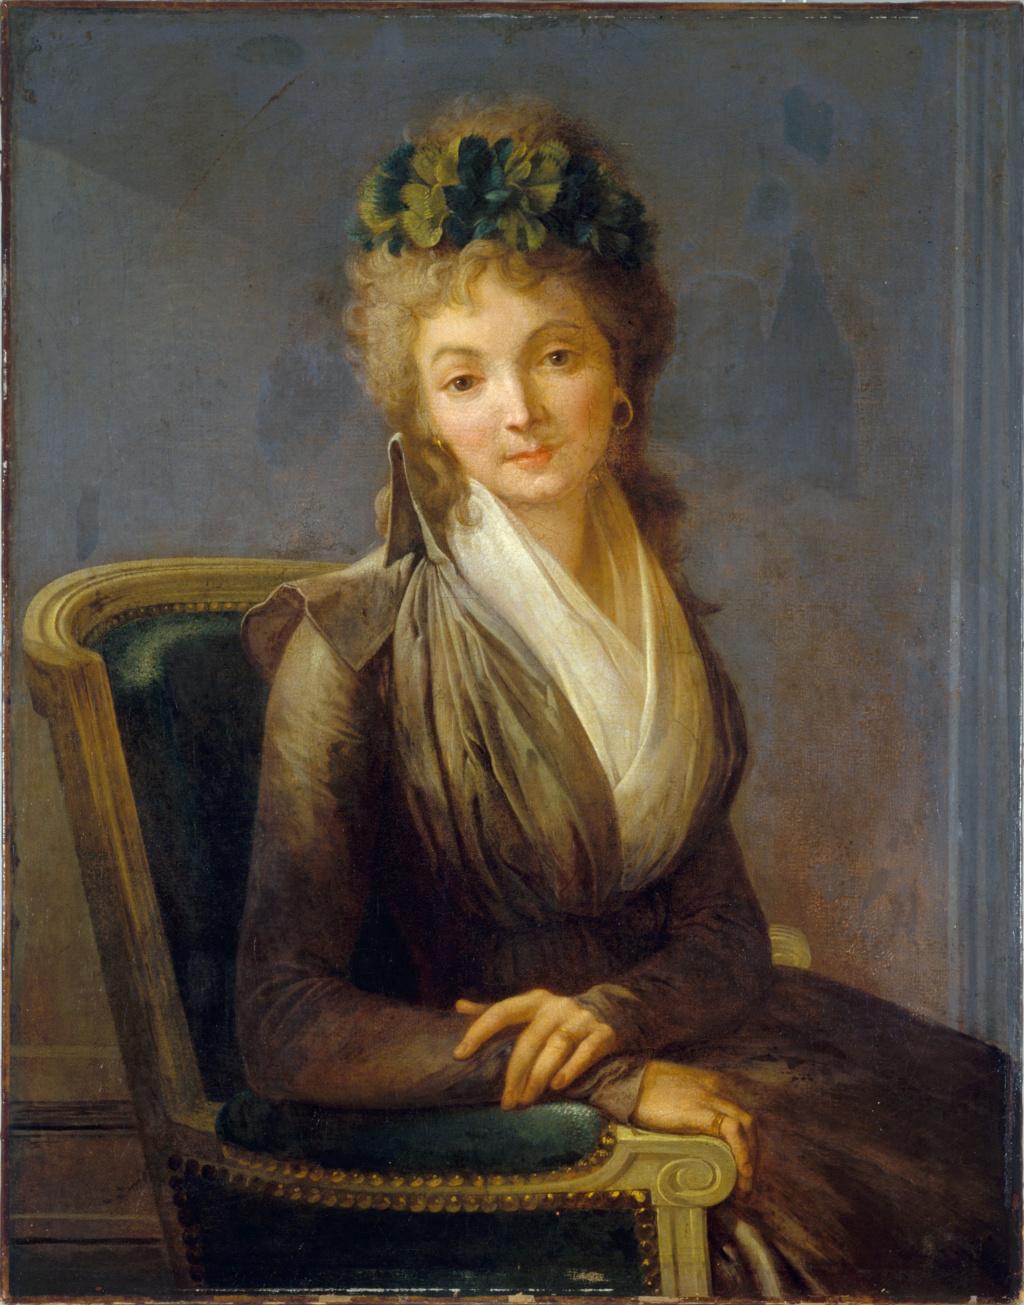 Louis-Léopold Boilly : peintre de la société parisienne de Louis XVI à Louis-Philippe Image_28